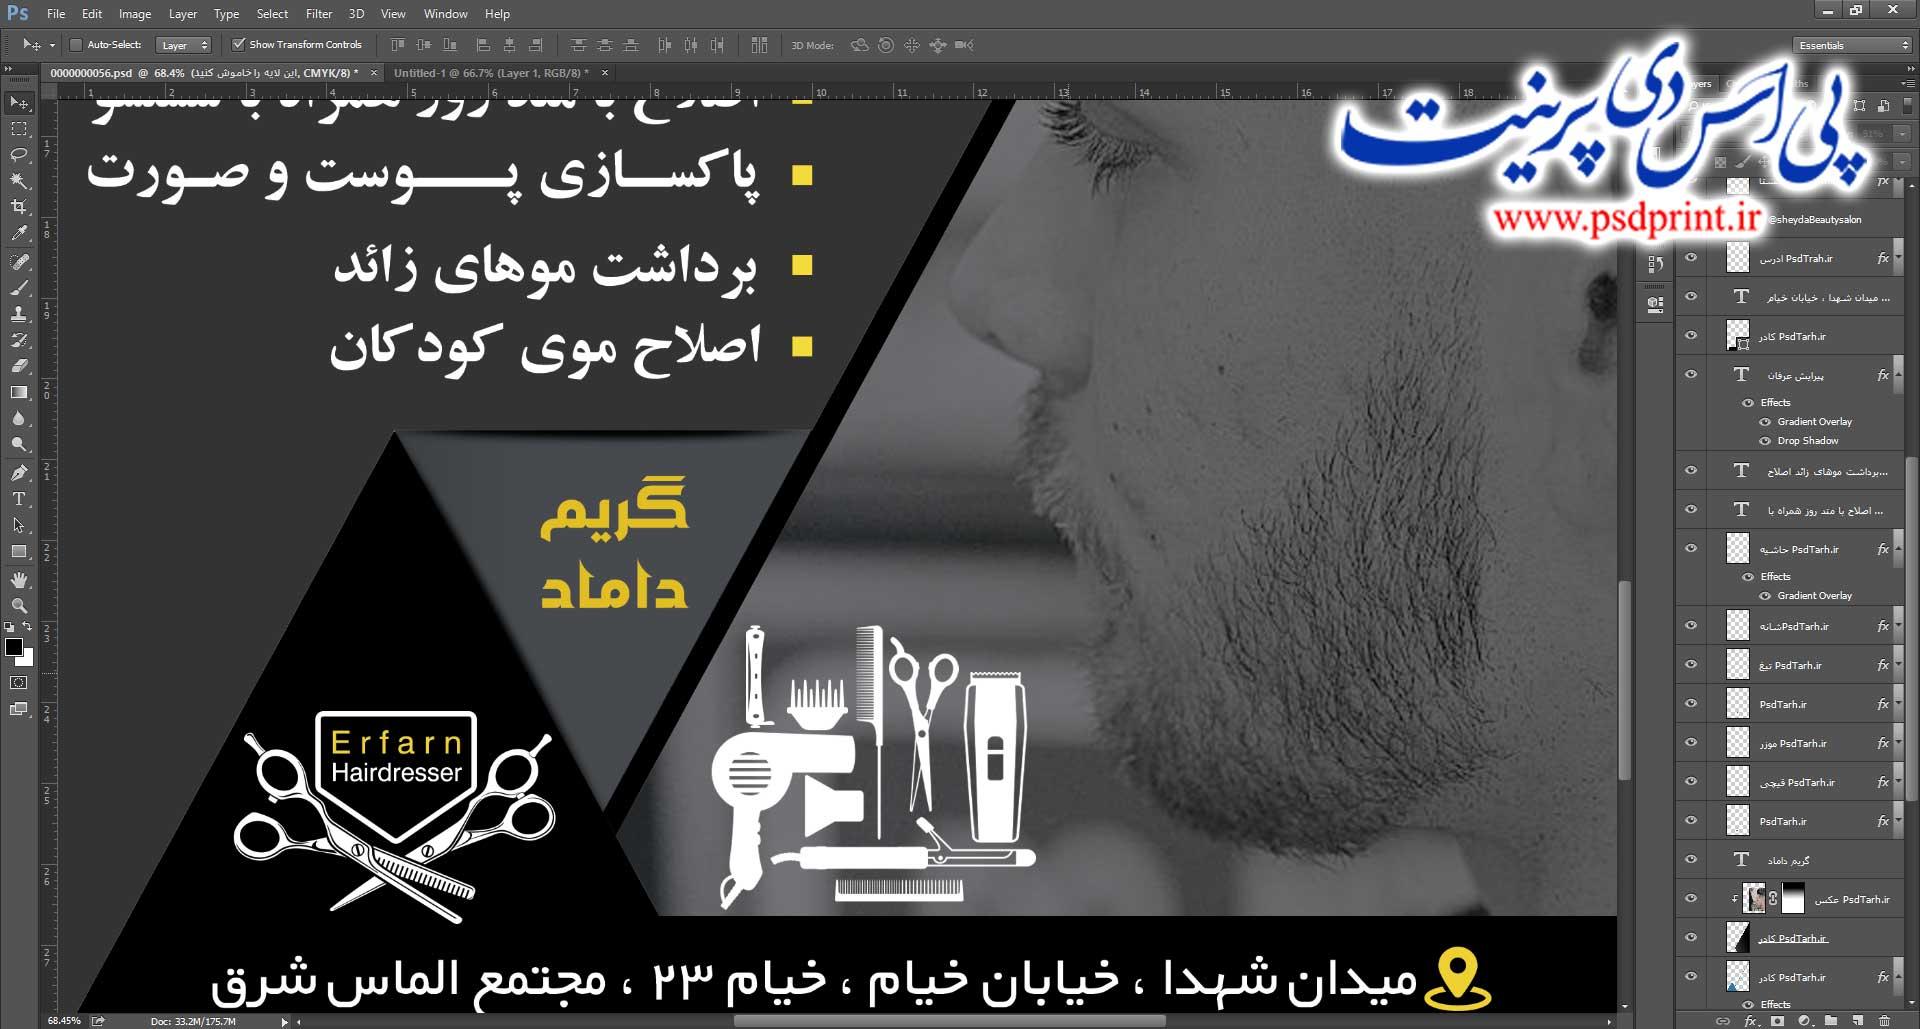 تراکت تبلیغاتی آرایشگاه مردانه